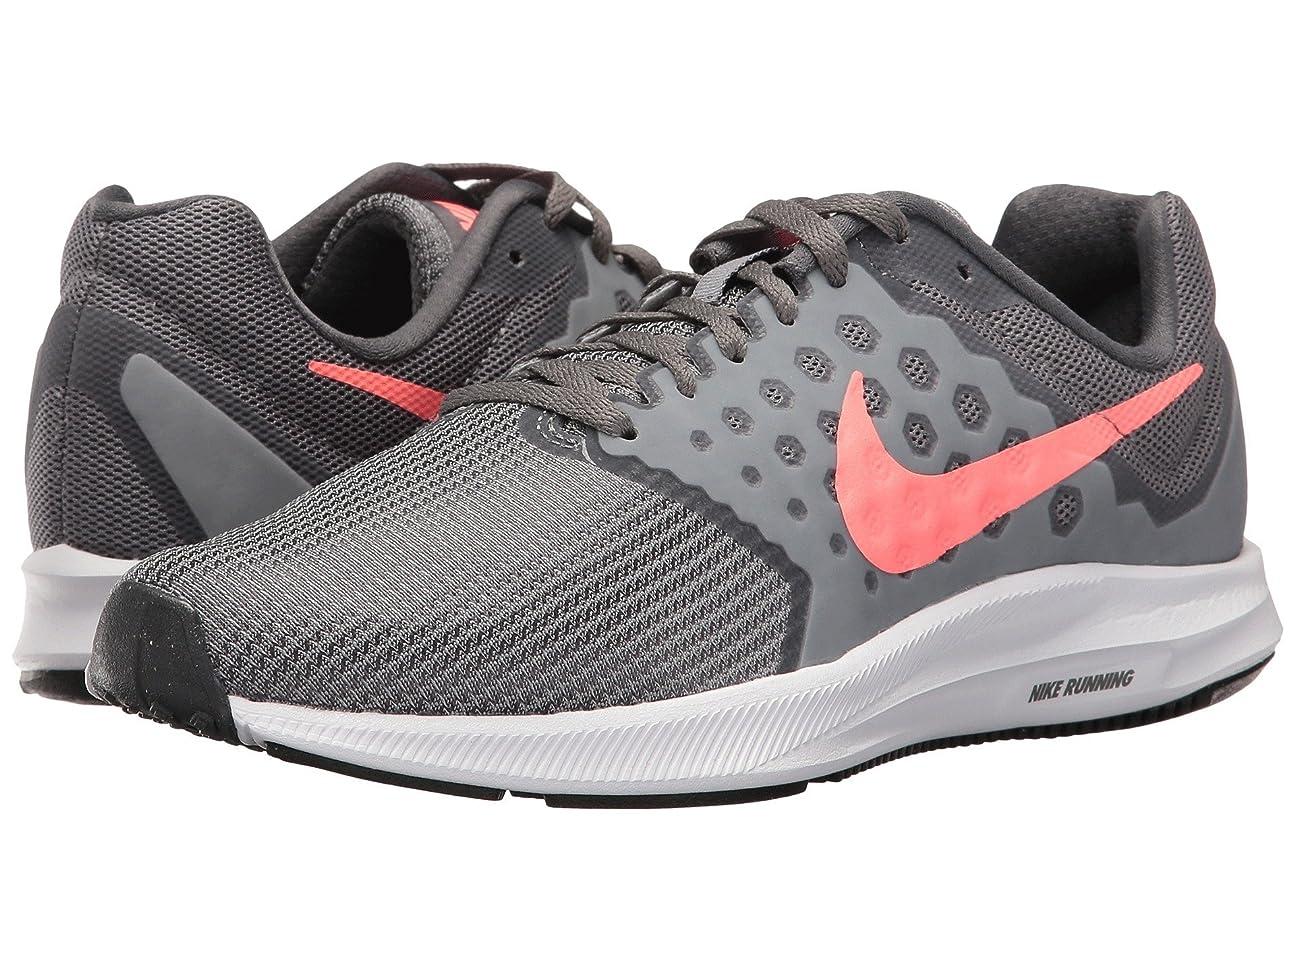 リーフレット保存するネクタイ(ナイキ) NIKE レディースランニングシューズ?スニーカー?靴 Downshifter 7 Cool Grey/Lava Glow/Dark Grey/White 5 (22cm) D - Wide